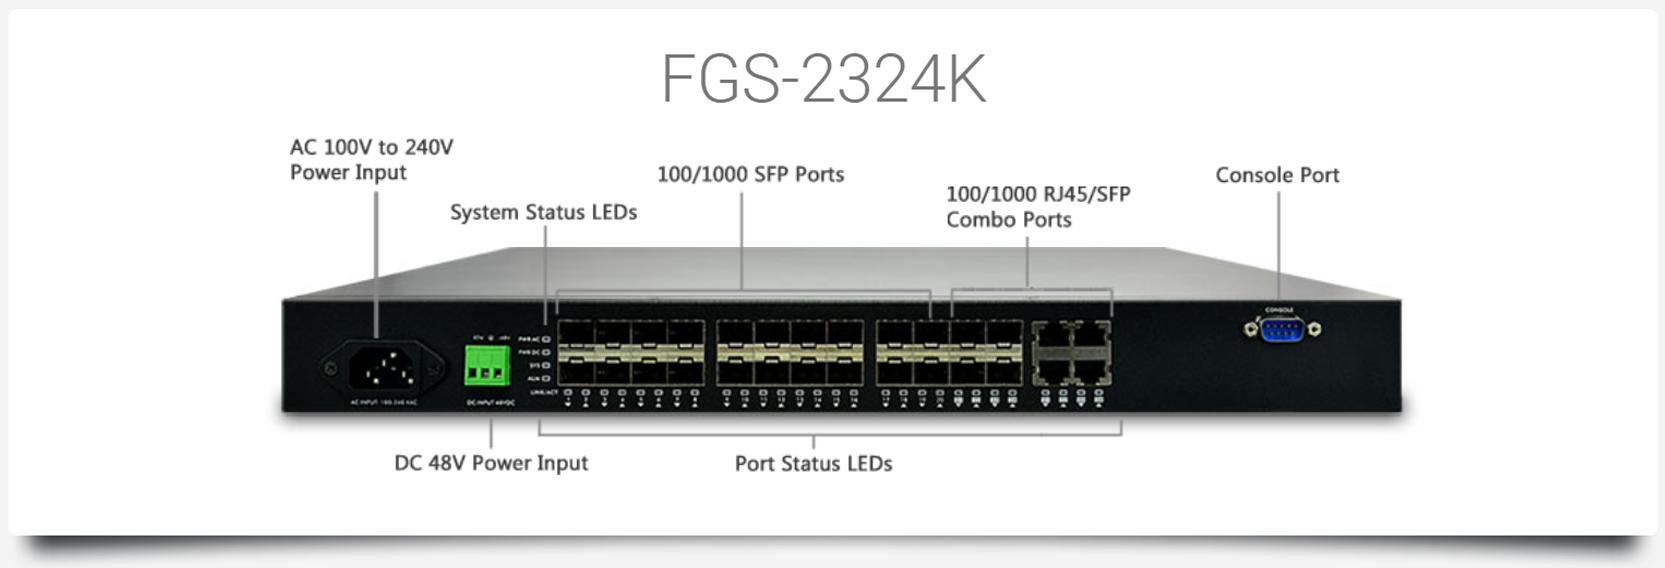 FGS-2324K